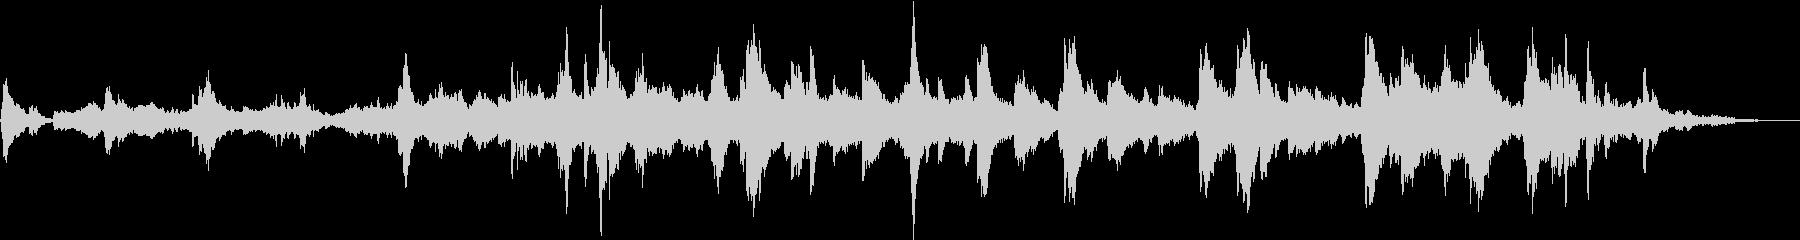 切ないピアノ ストリングス 感動の未再生の波形